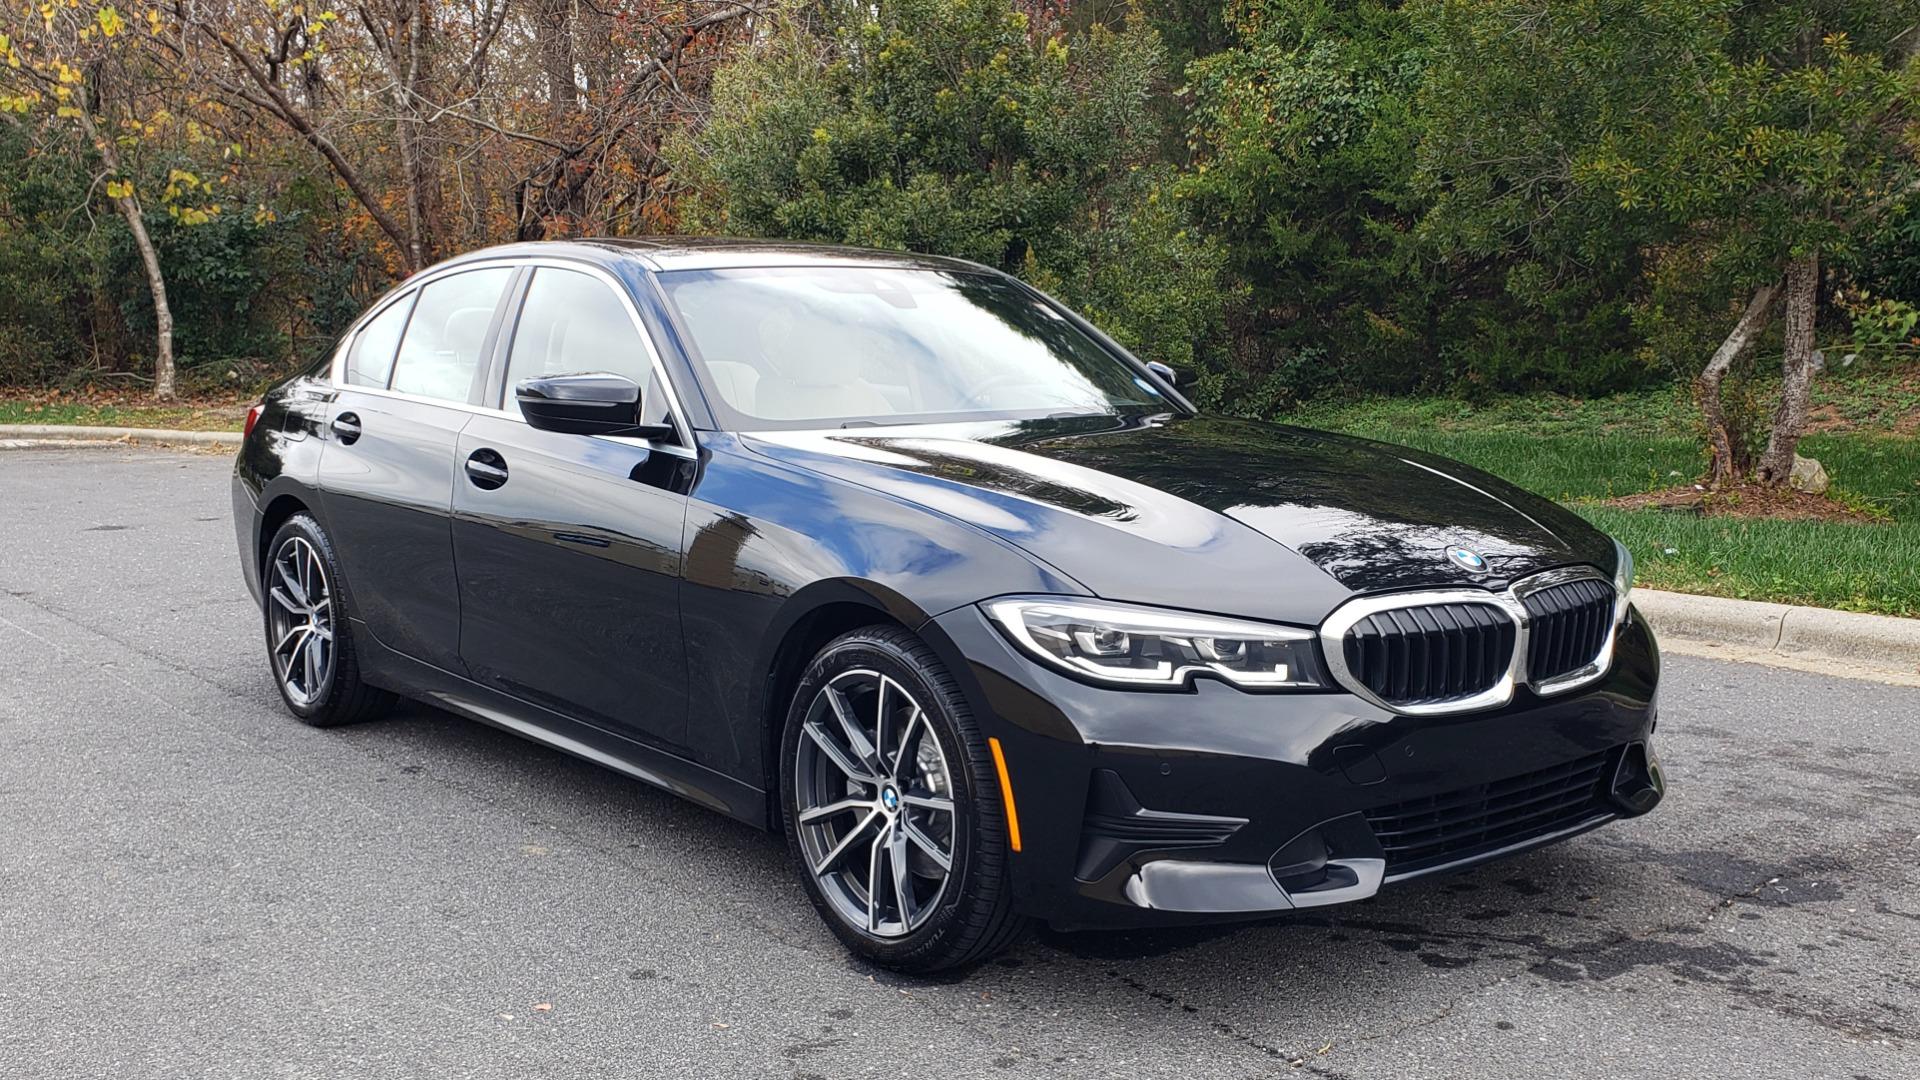 Used 2019 BMW 3 SERIES 330I PREM PKG / NAV / CONV PKG / H&K SND / LIVE COCKPIT PRO for sale Sold at Formula Imports in Charlotte NC 28227 5